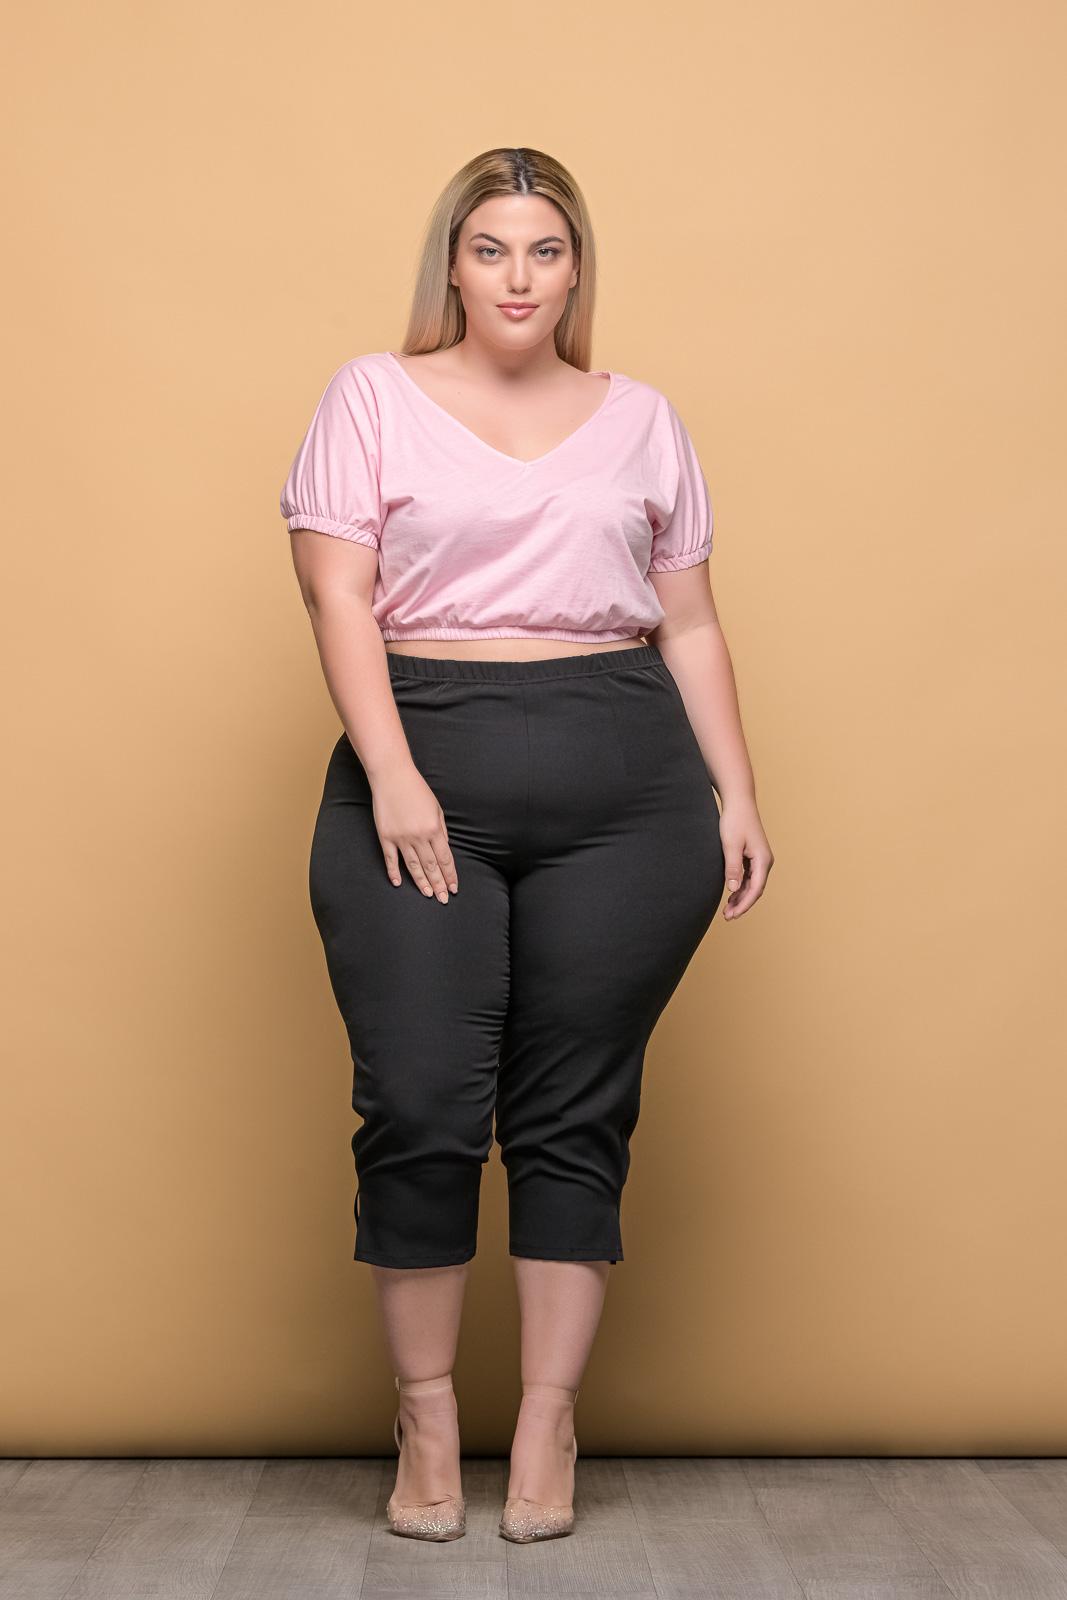 Ανορθωτικό παντελόνι μεγάλα μεγέθη κάπρι ελαστικό.Στο eshop μας θα βρείτε οικονομικά γυναίκεια ρούχα σε μεγάλα μεγέθη και υπερμεγέθη.